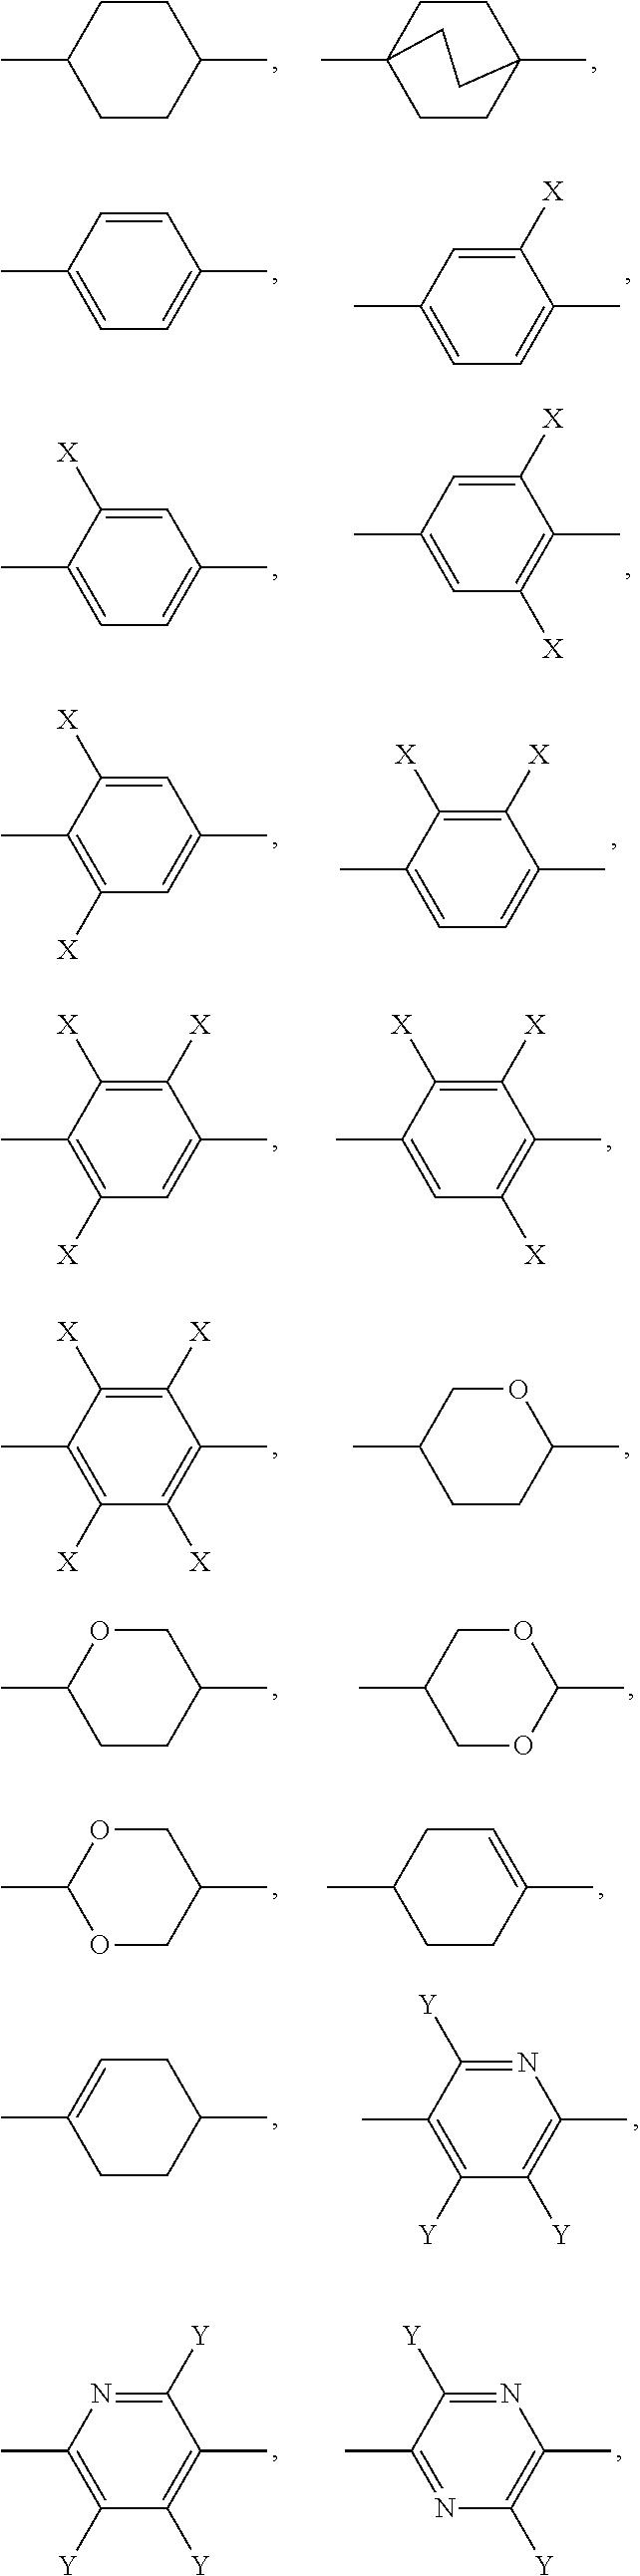 Figure US20130208227A1-20130815-C00016